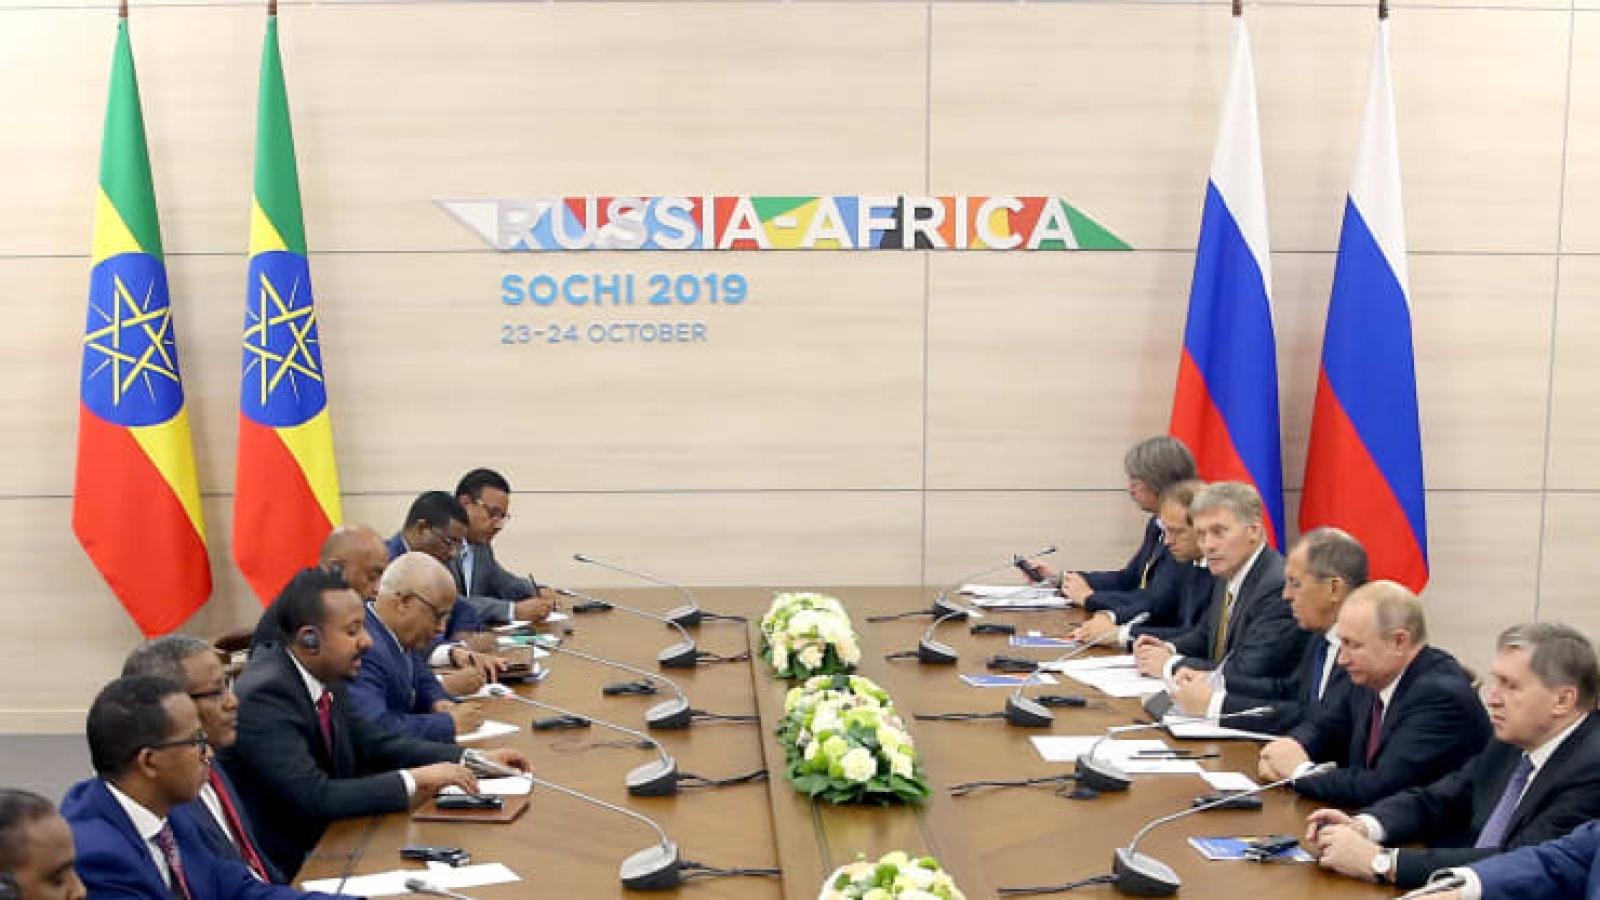 Cuộc chiến tranh giành quyền lực ngầm giữa Nga và Mỹ tại châu Phi